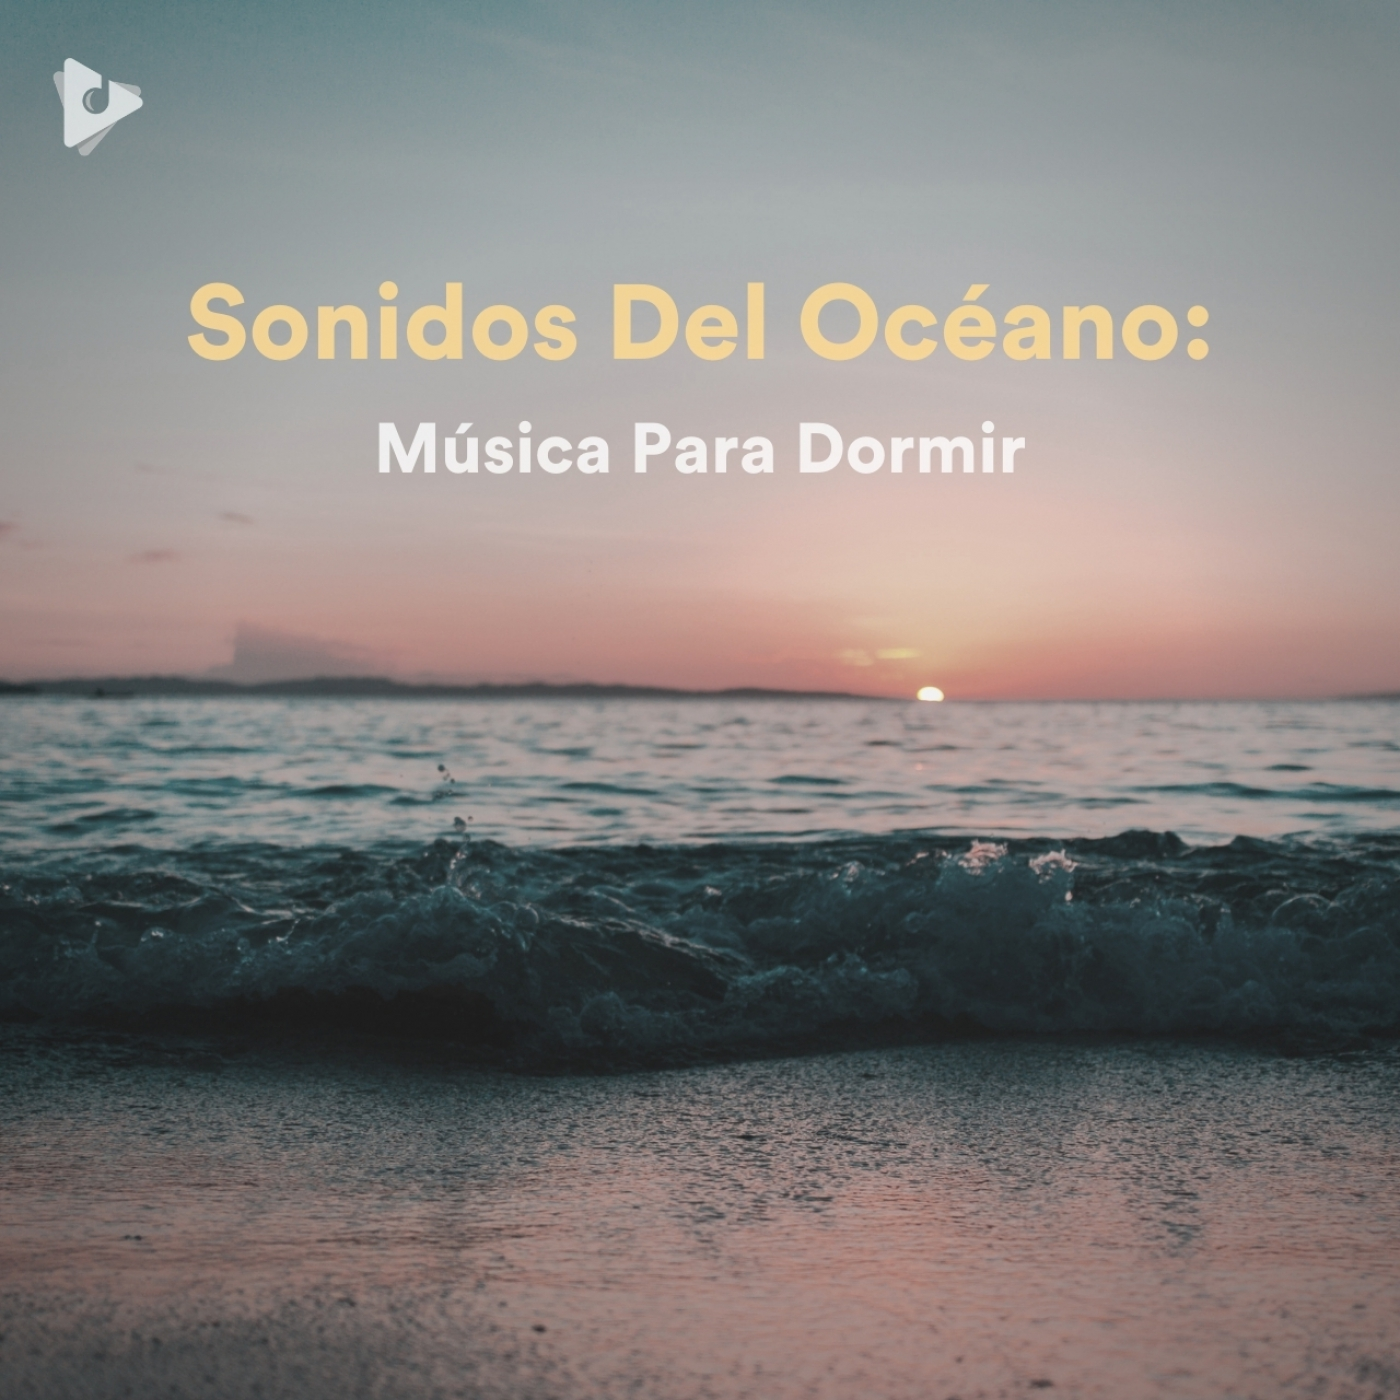 Sonidos Del Océano: Música Para Dormir